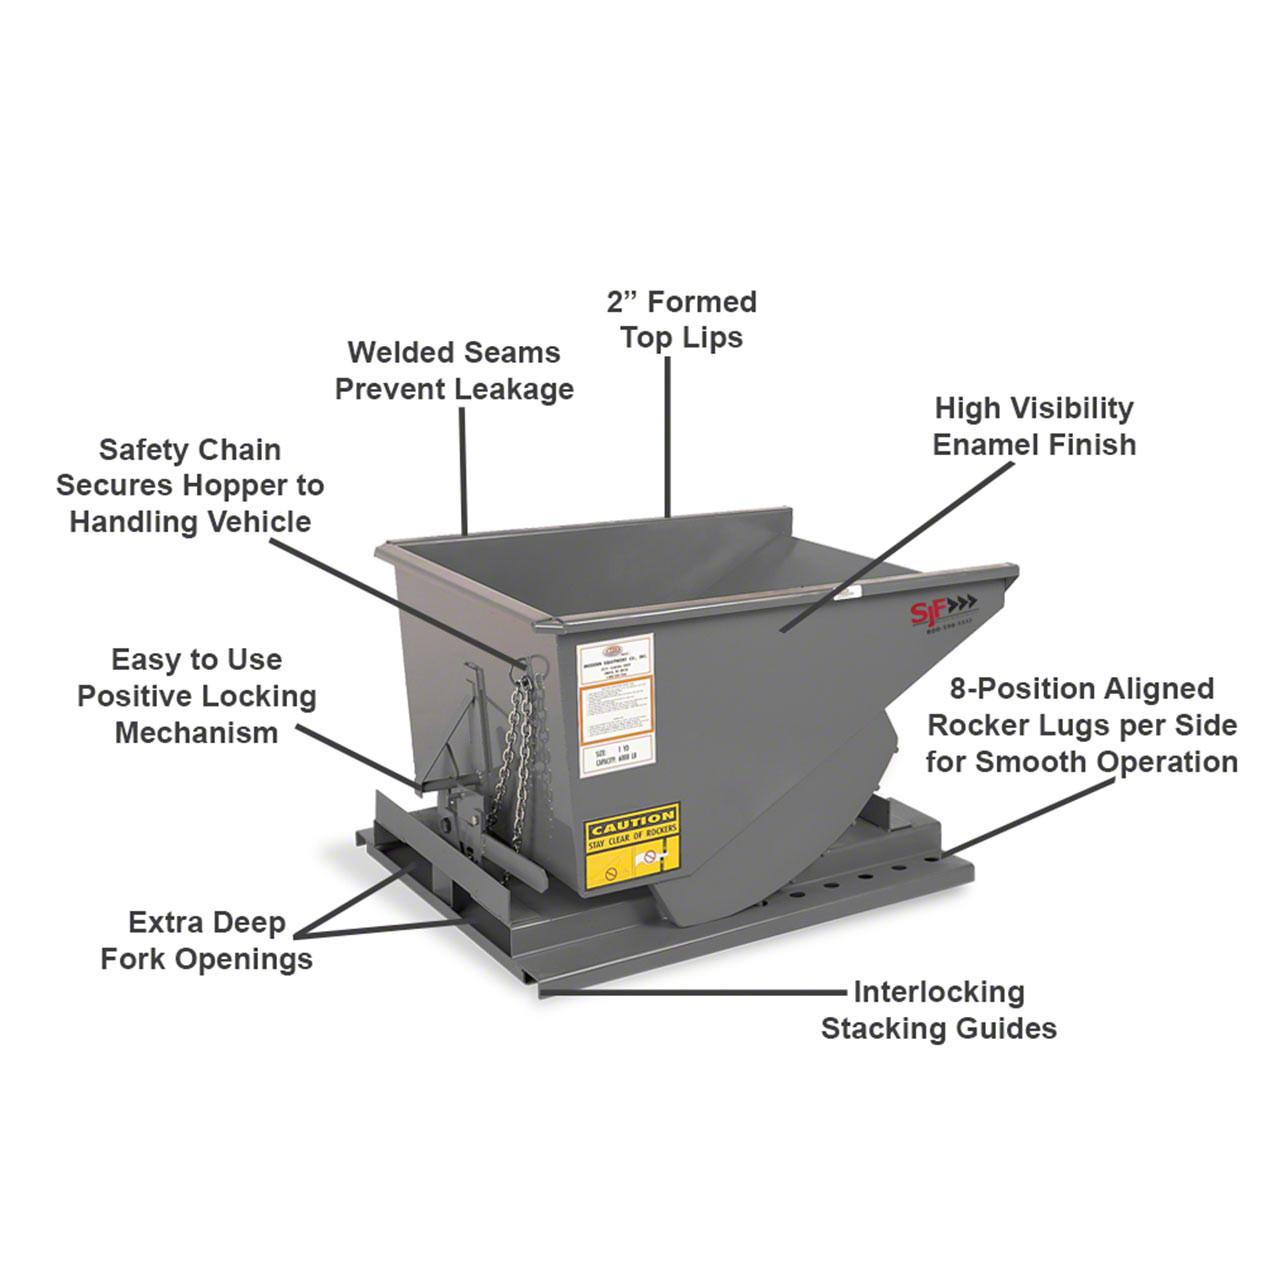 Parts of Self Dumping Hopper Heavy Duty Model